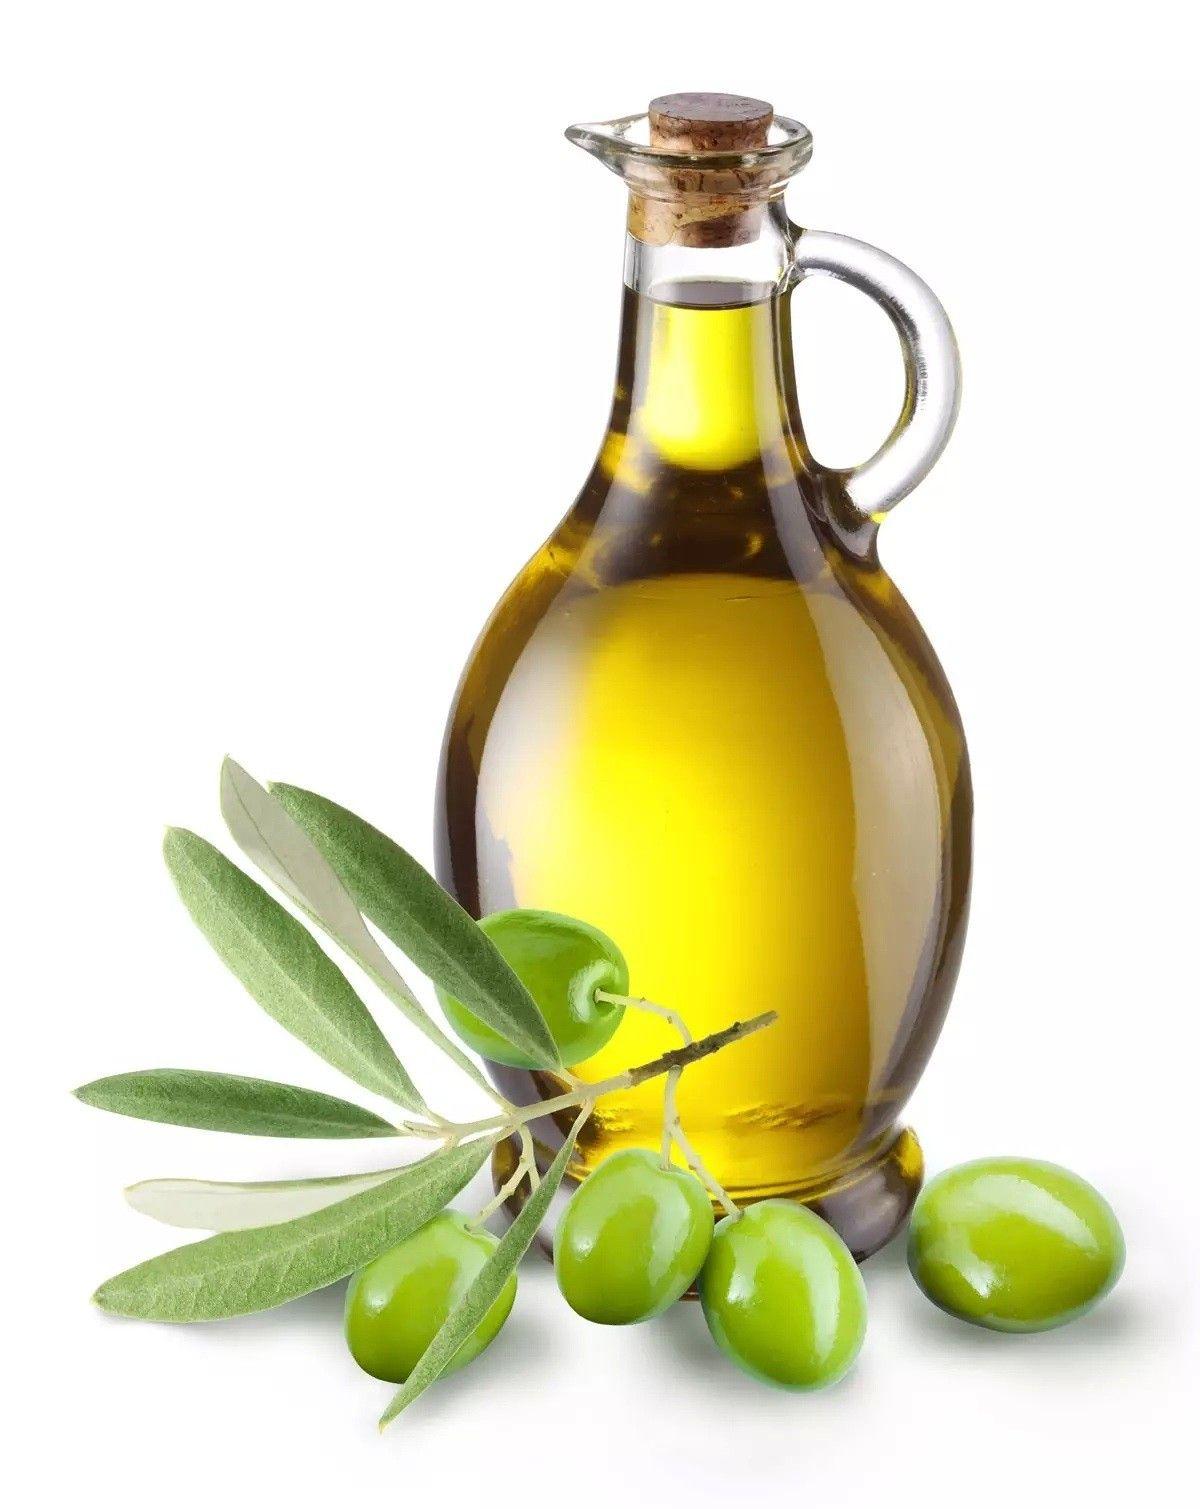 Оливковое масло для лица: польза, рецепты масок, применение, какое лучше выбрать, можно ли использовать вместо крема